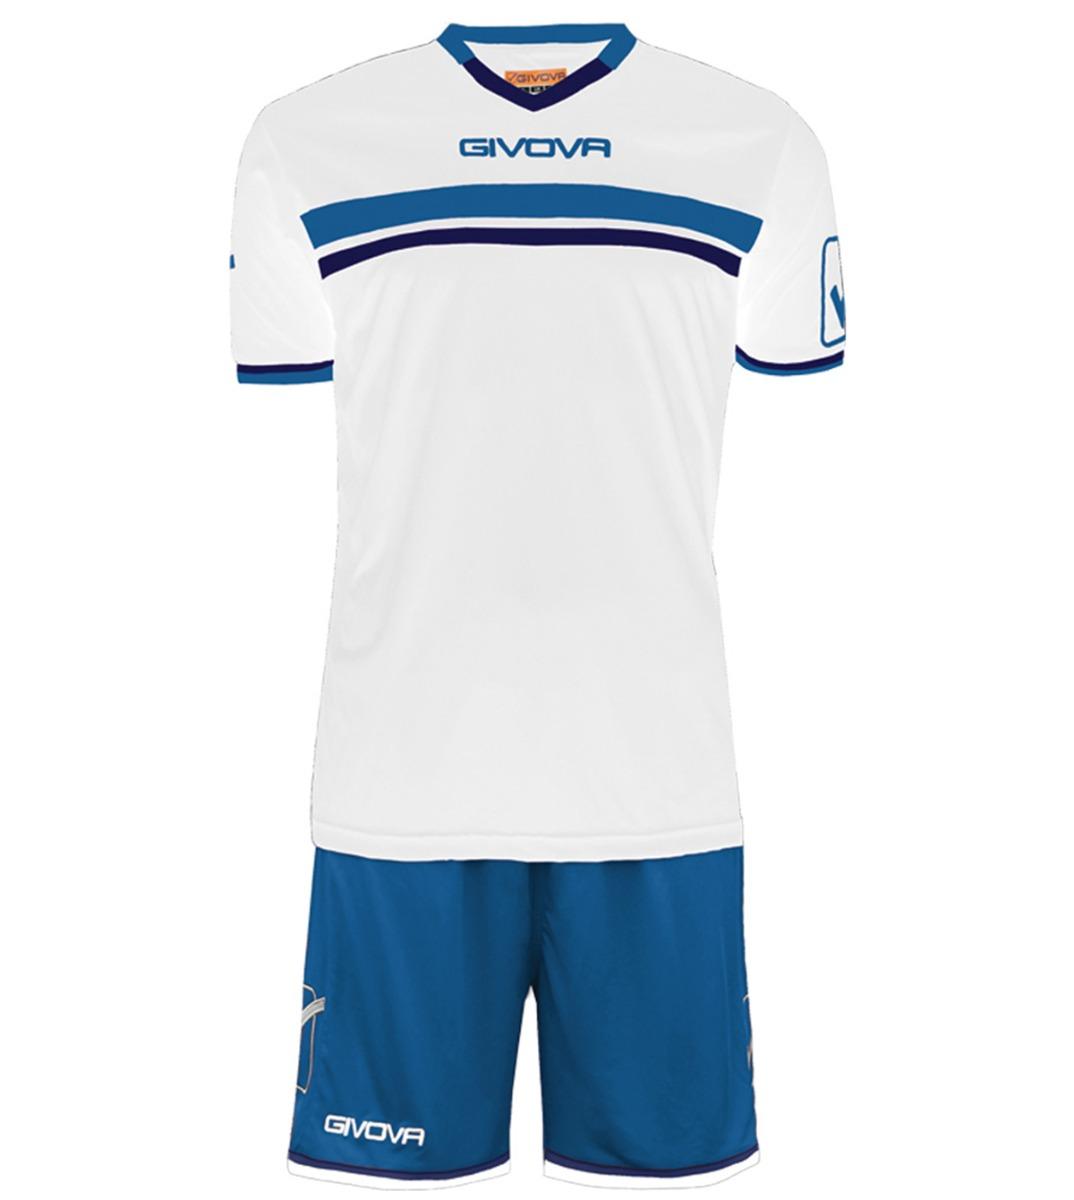 Kit-Game-Calcio-Sport-GIVOVA-Abbigliamento-Sportivo-Uomo-Calcistico-GIOSAL miniatura 16